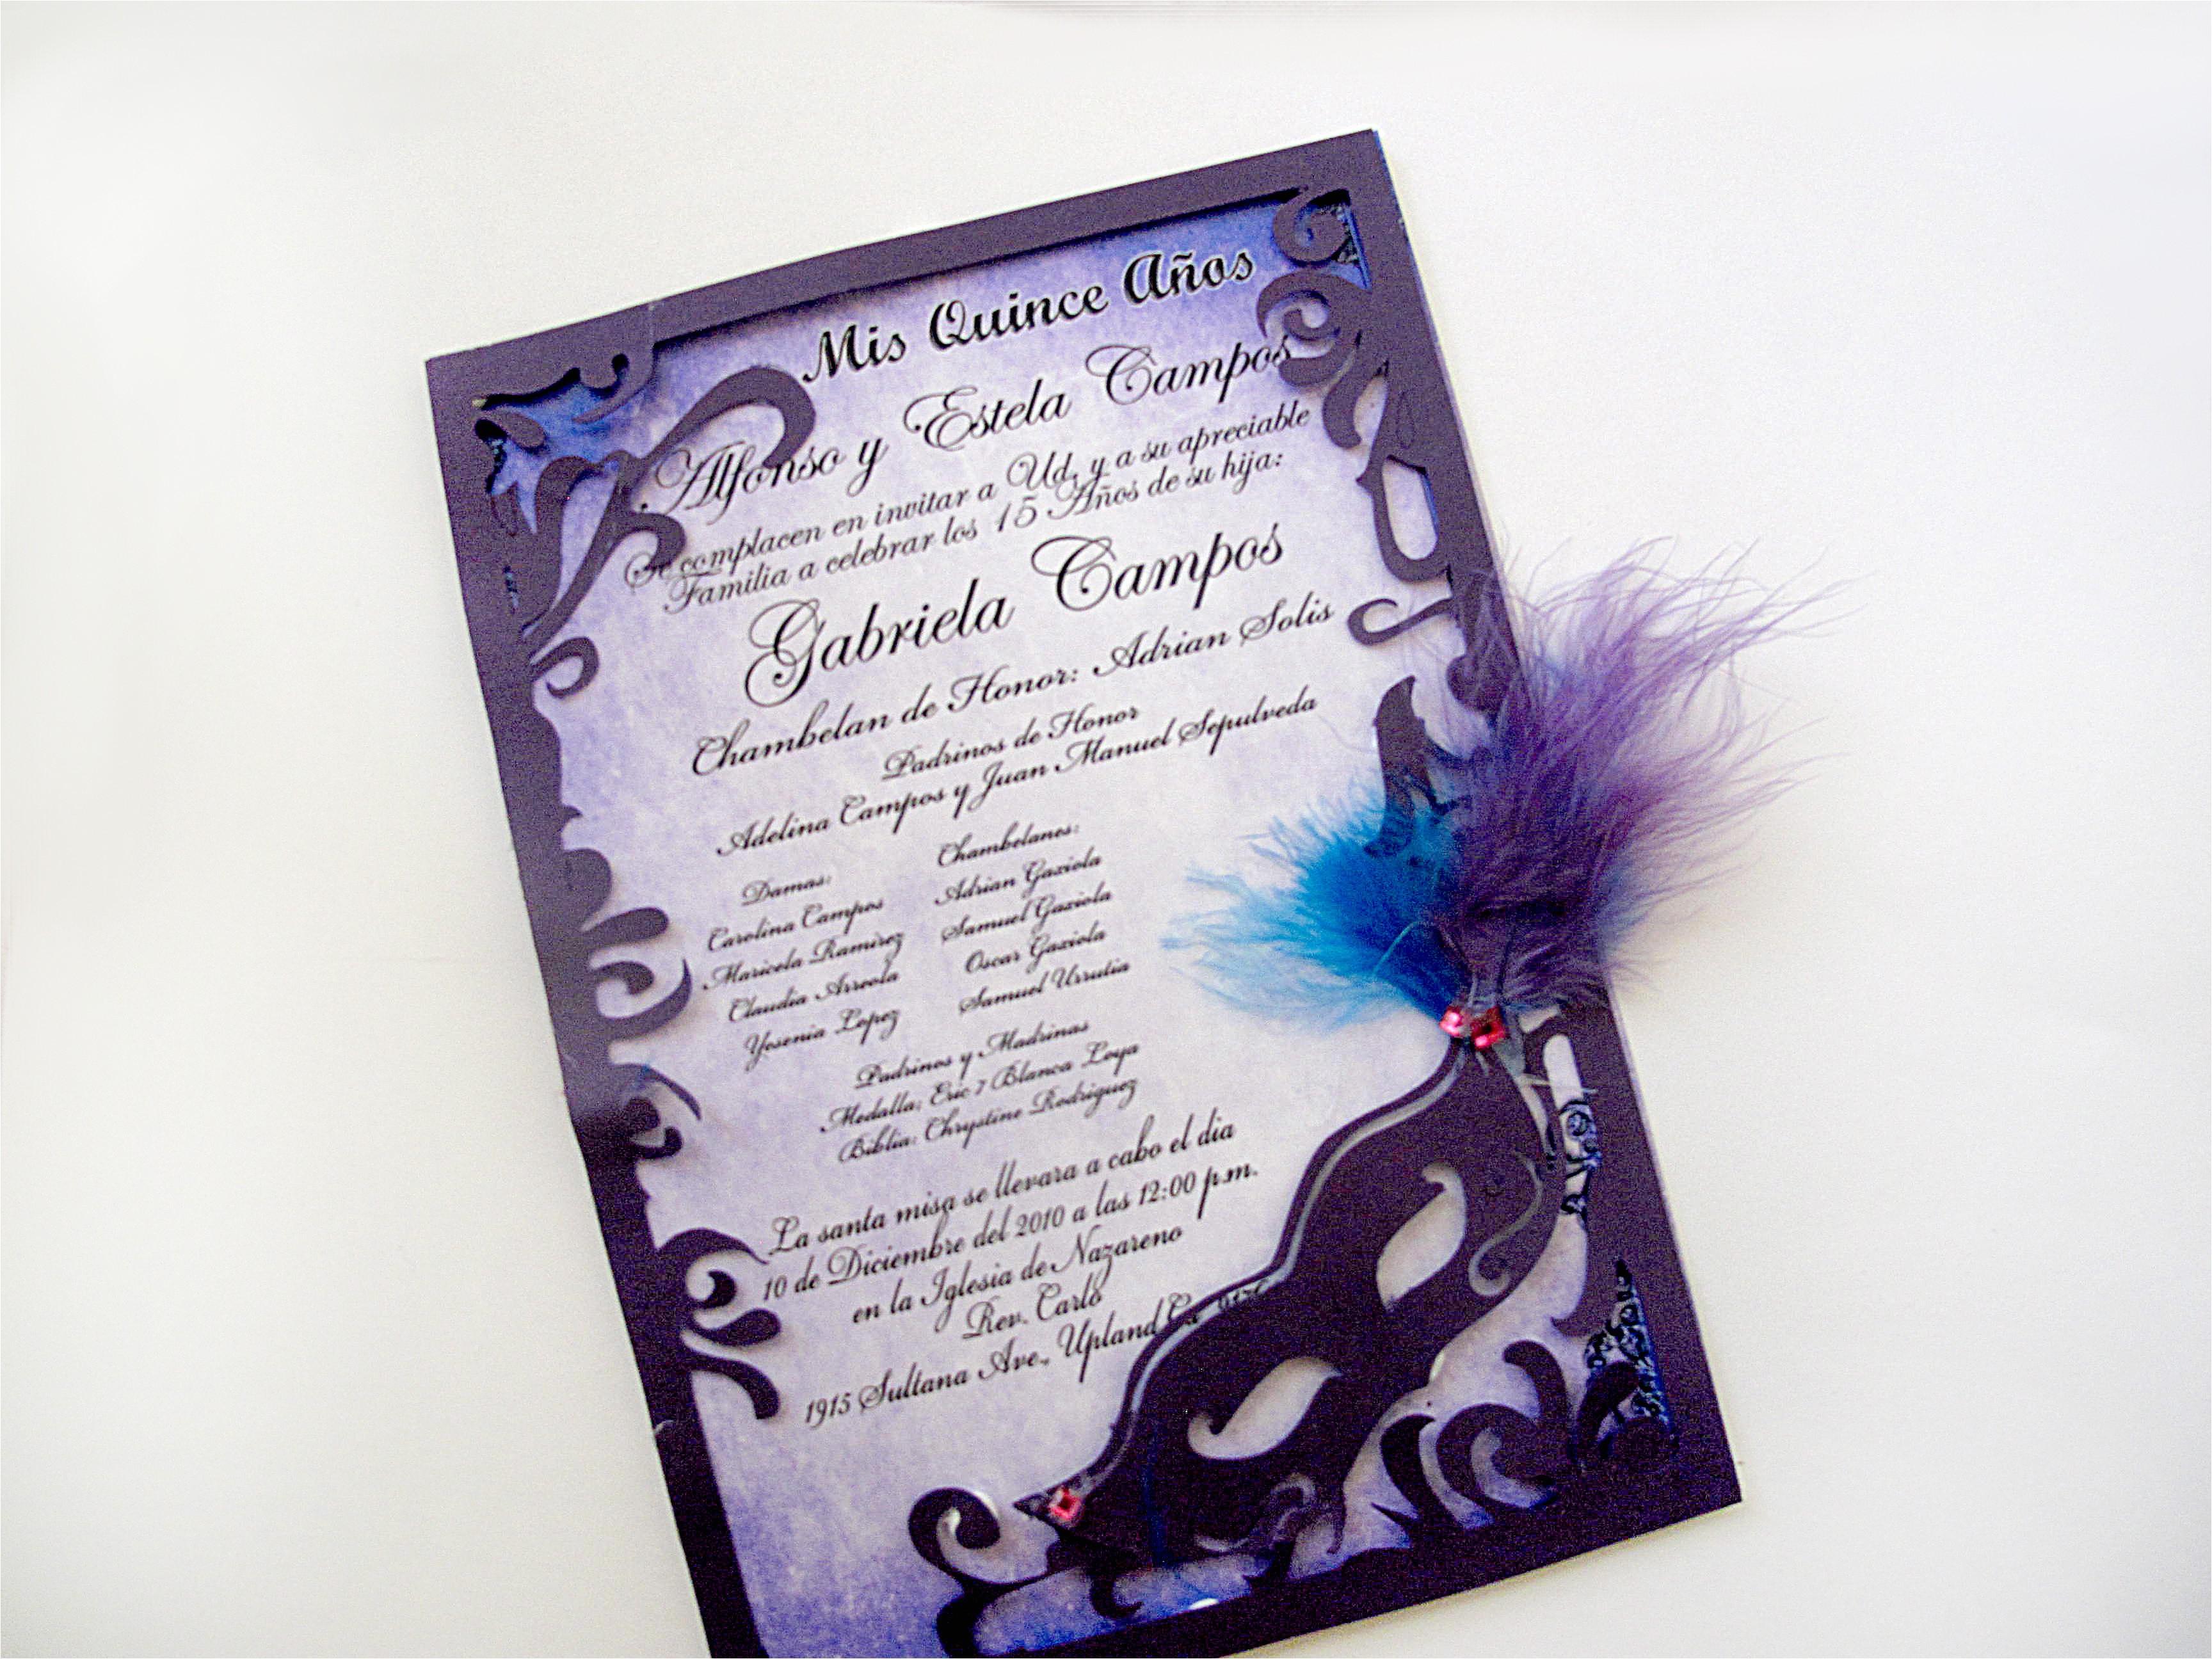 Masquerade themed Quinceanera Invitations Masquerade Quinceanera Invitations Template Best